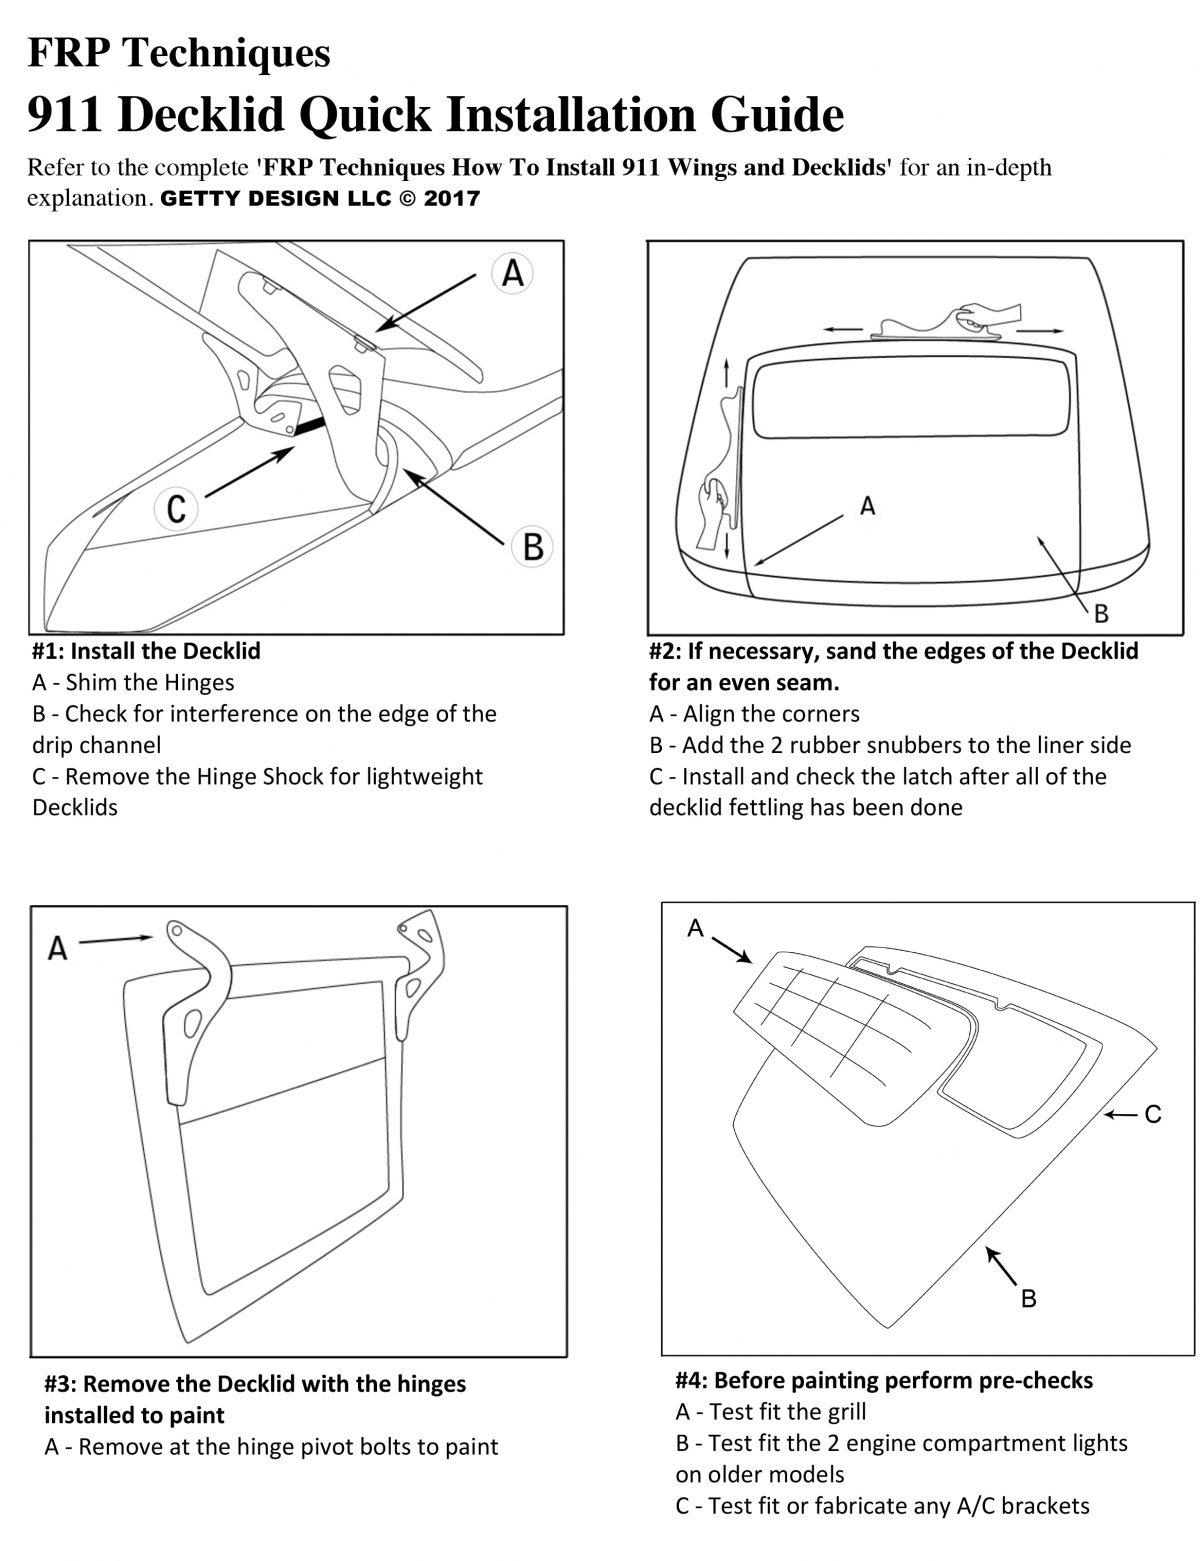 911 Decklid Quick Installation Guide